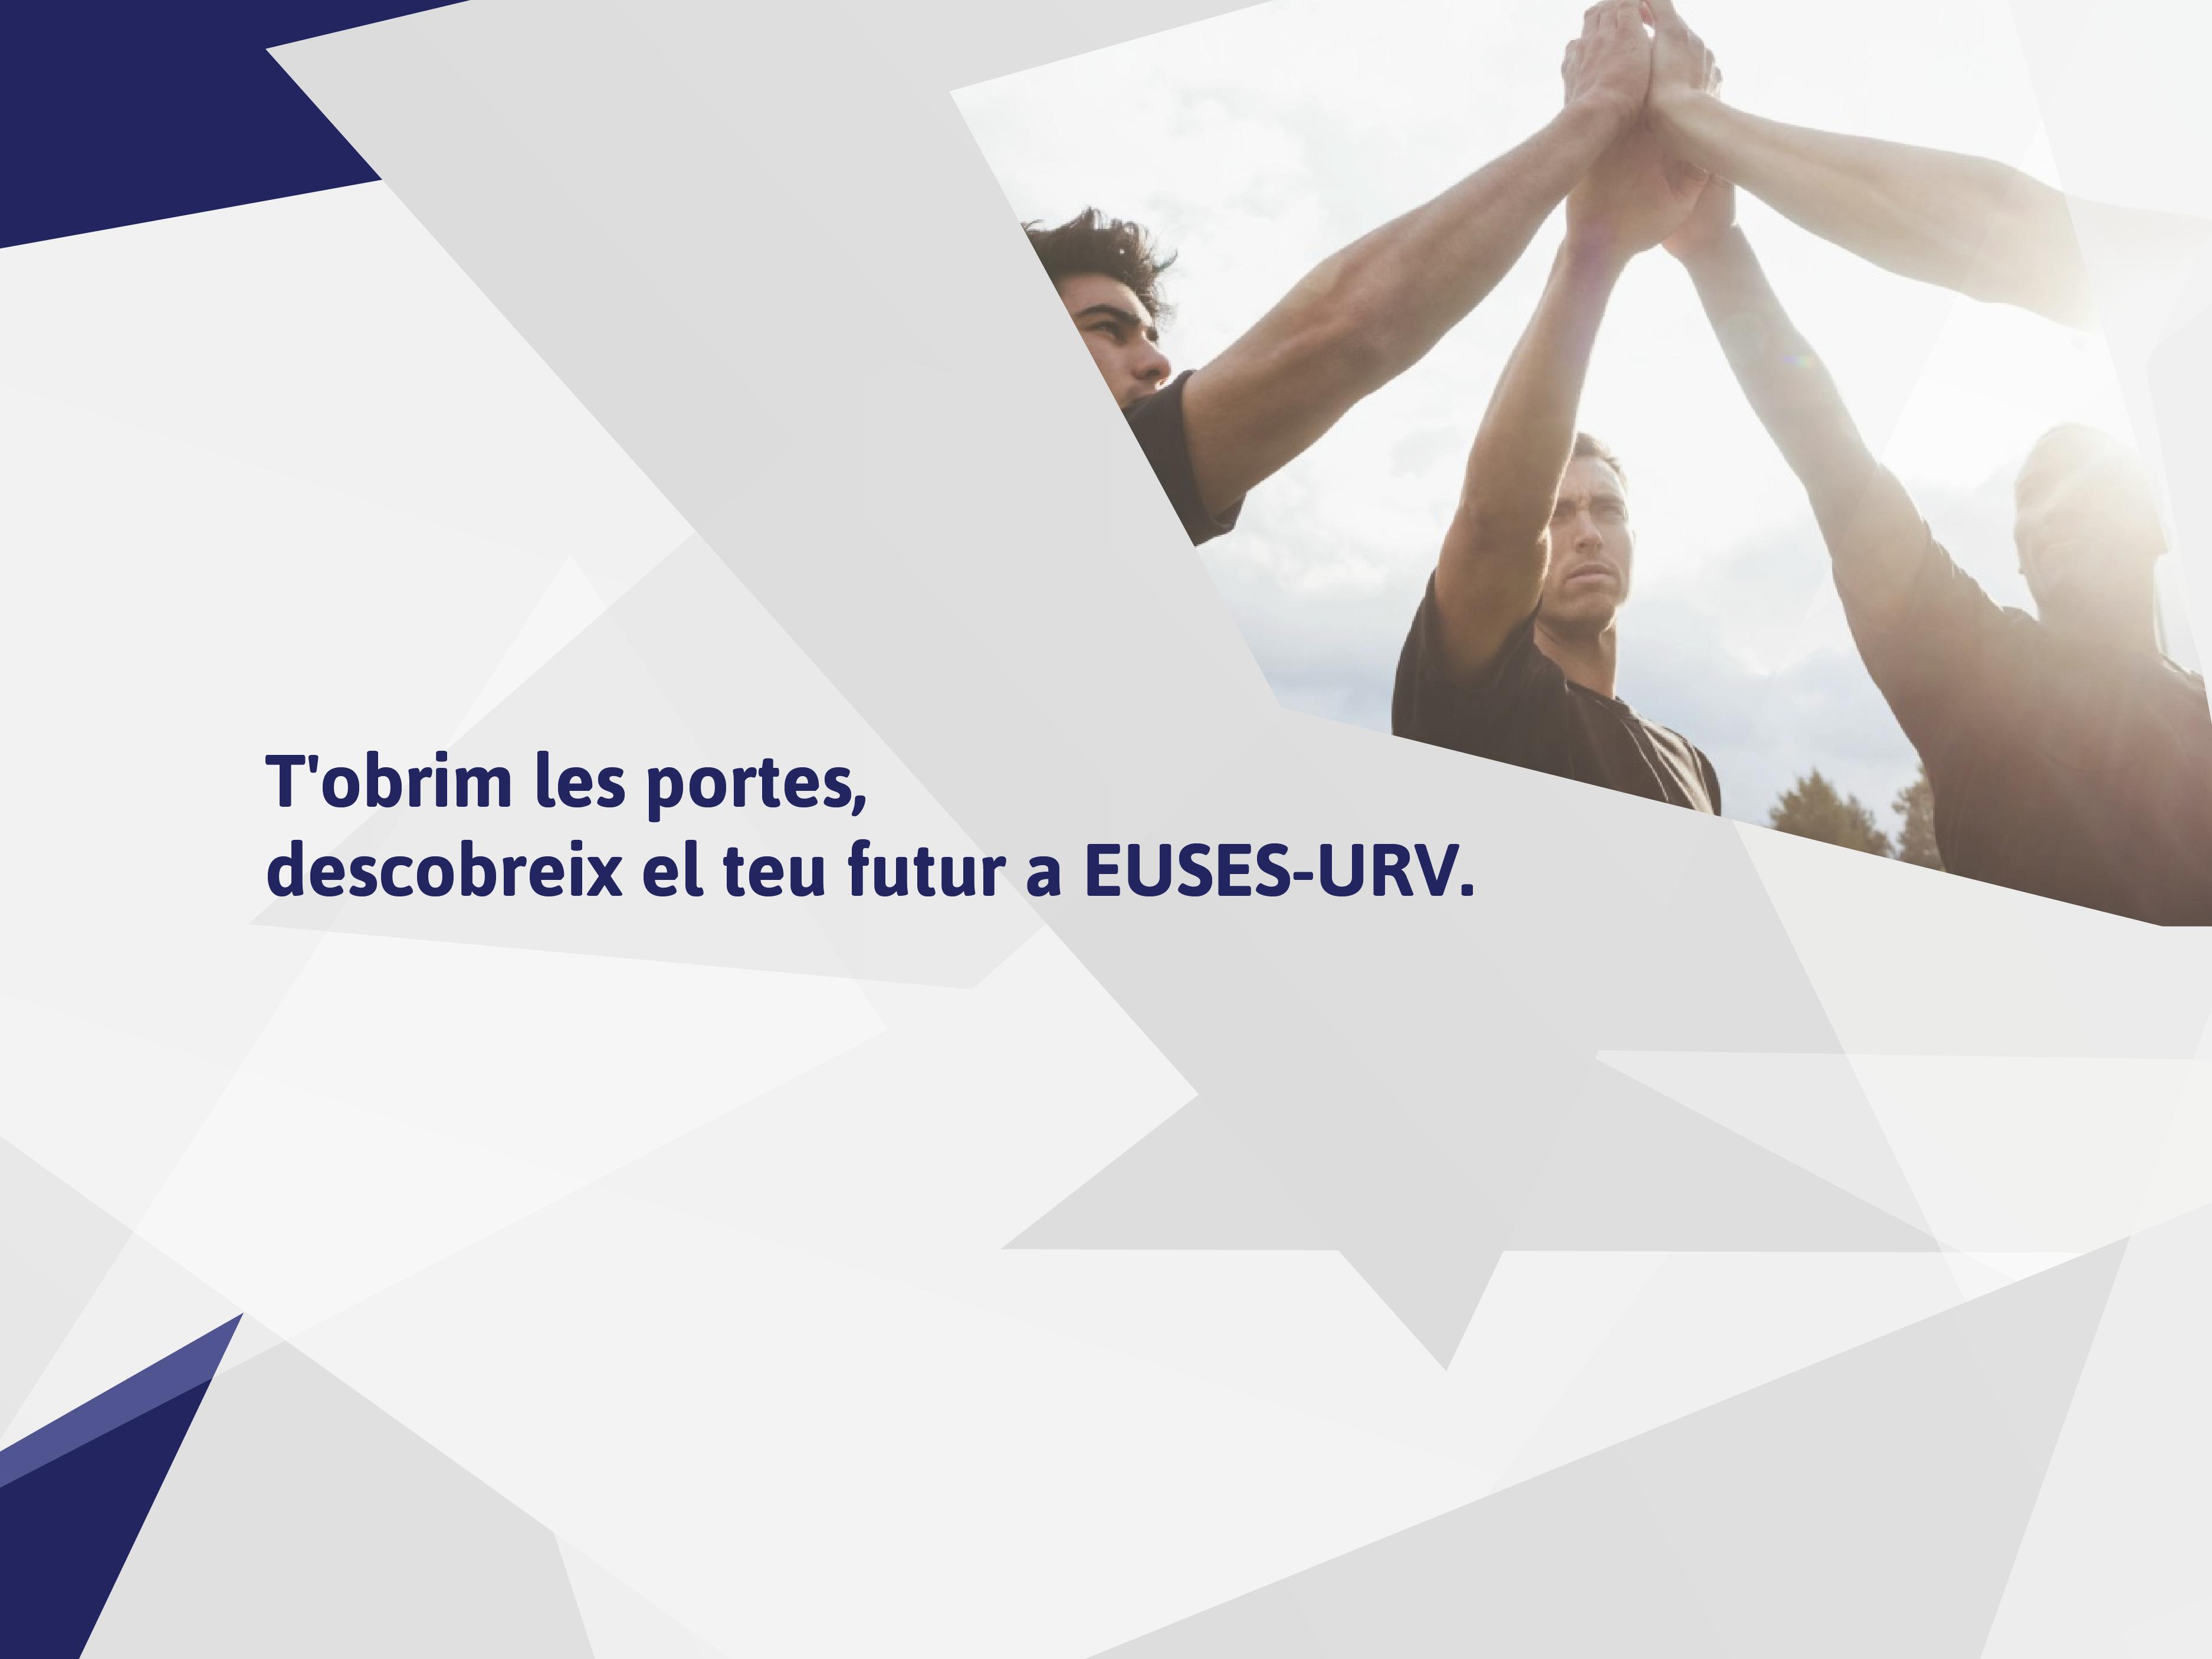 Noves Jornades de Portes Obertes a EUSES Terres de l'Ebre als Campus de Tortosa i Amposta